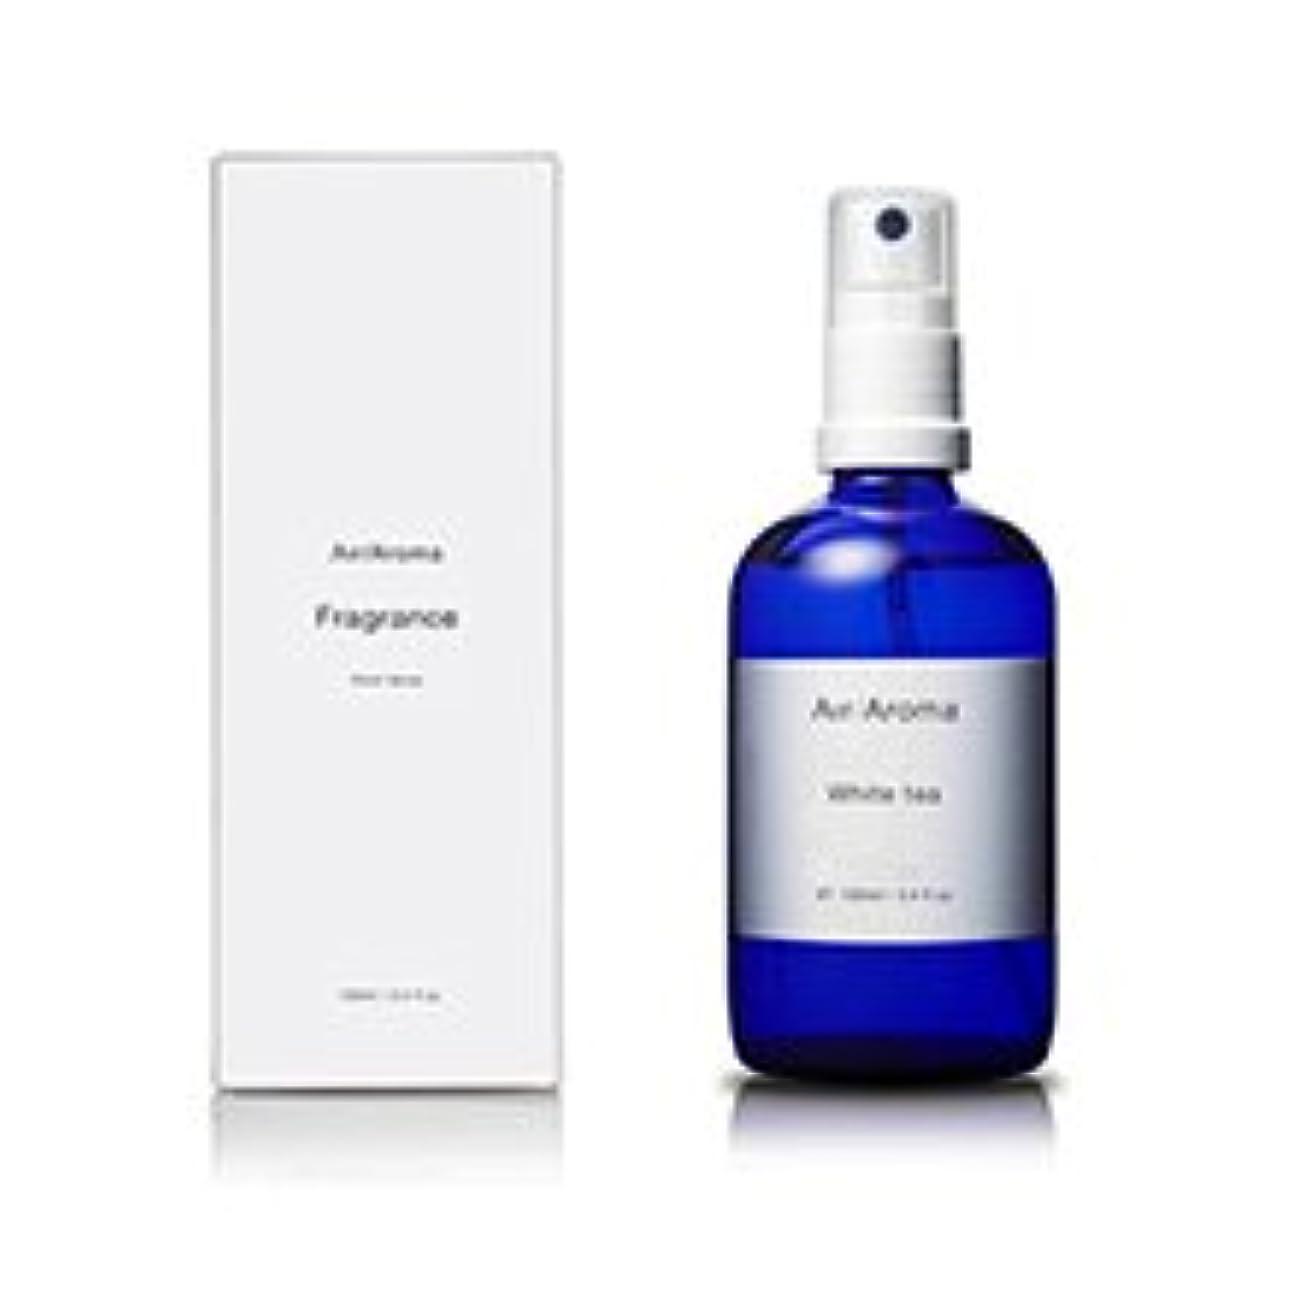 ためにライオン雪だるまを作るエアアロマ white tea room fragrance(ホワイトティ ルームフレグランス)100ml